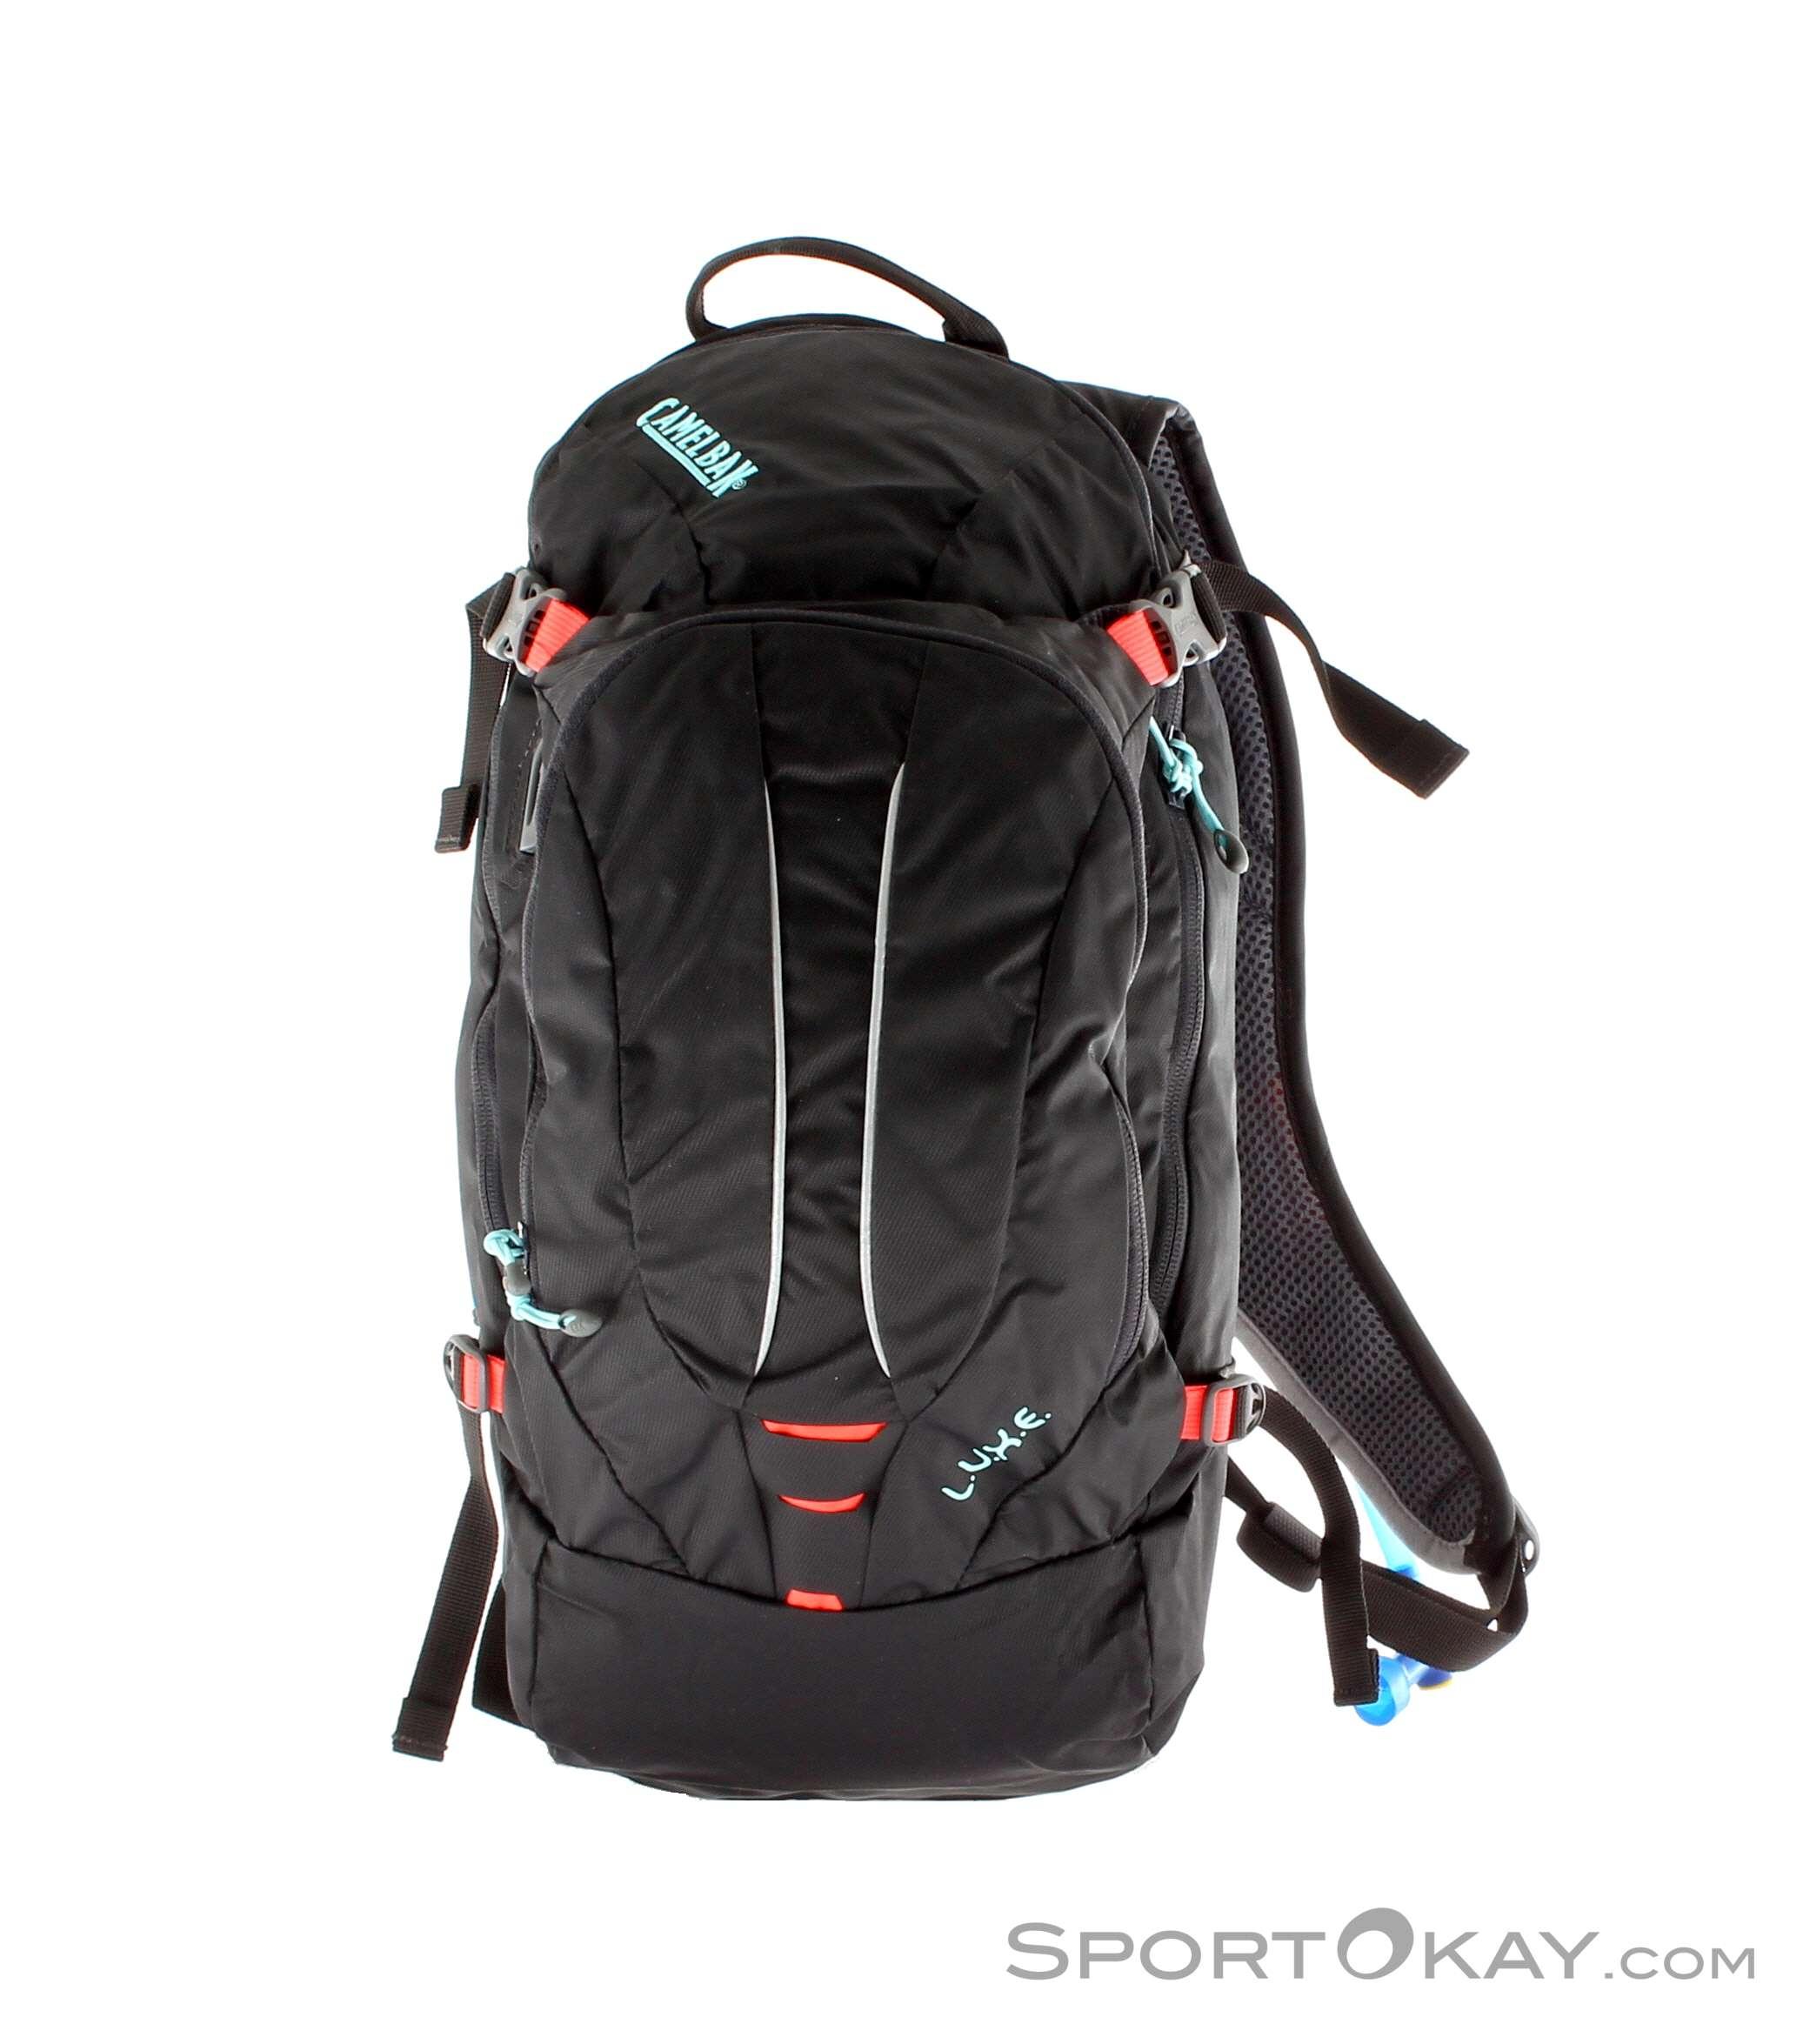 Camelbak L.U.X.E 7l Bikerucksack mit Trinksystem *mit 10% Gutschein* *versandkostenfrei* @sportokay